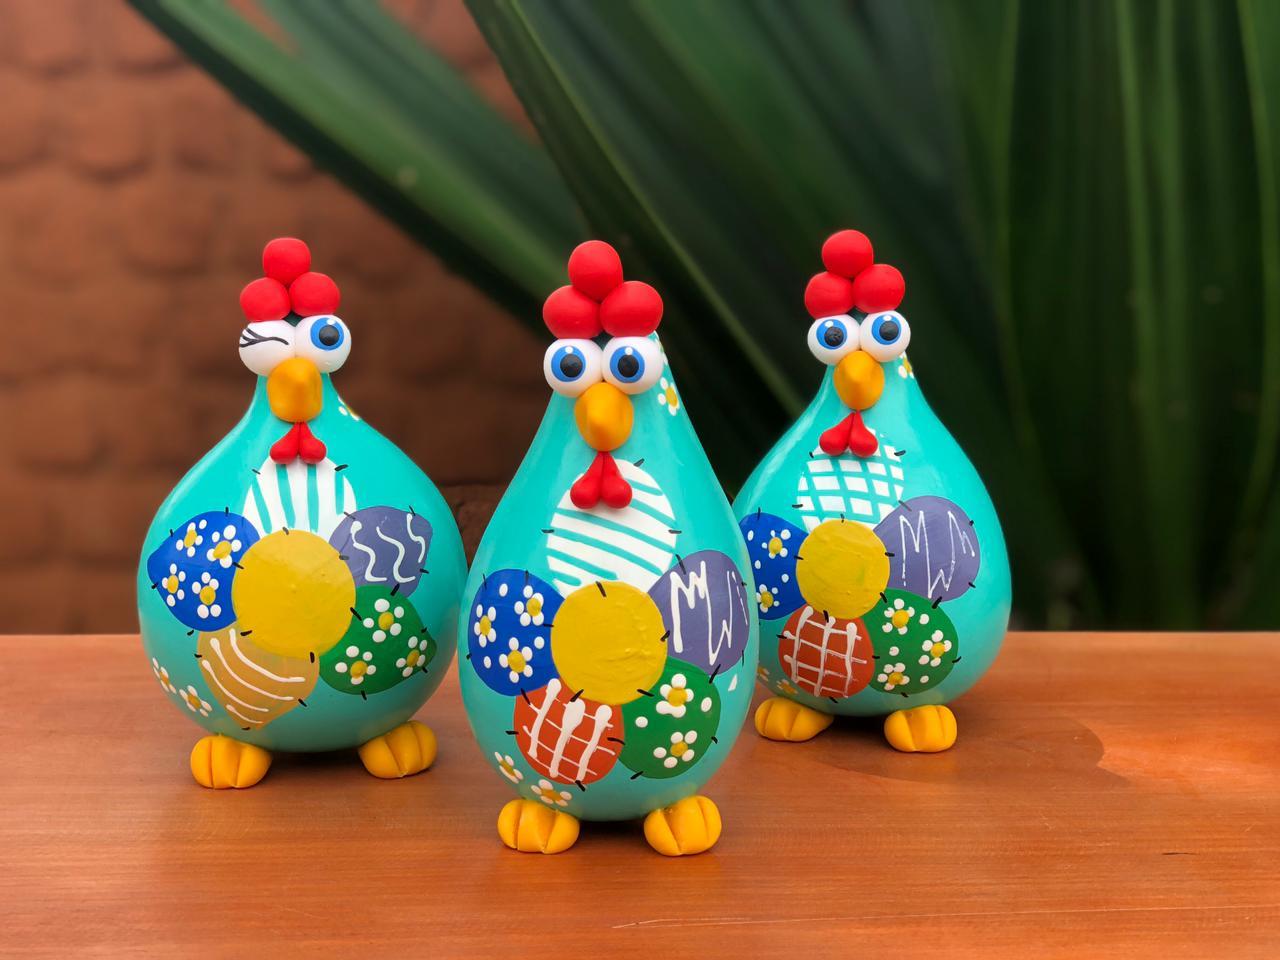 Trio decorativos de galinhas verde tifani - Retalho